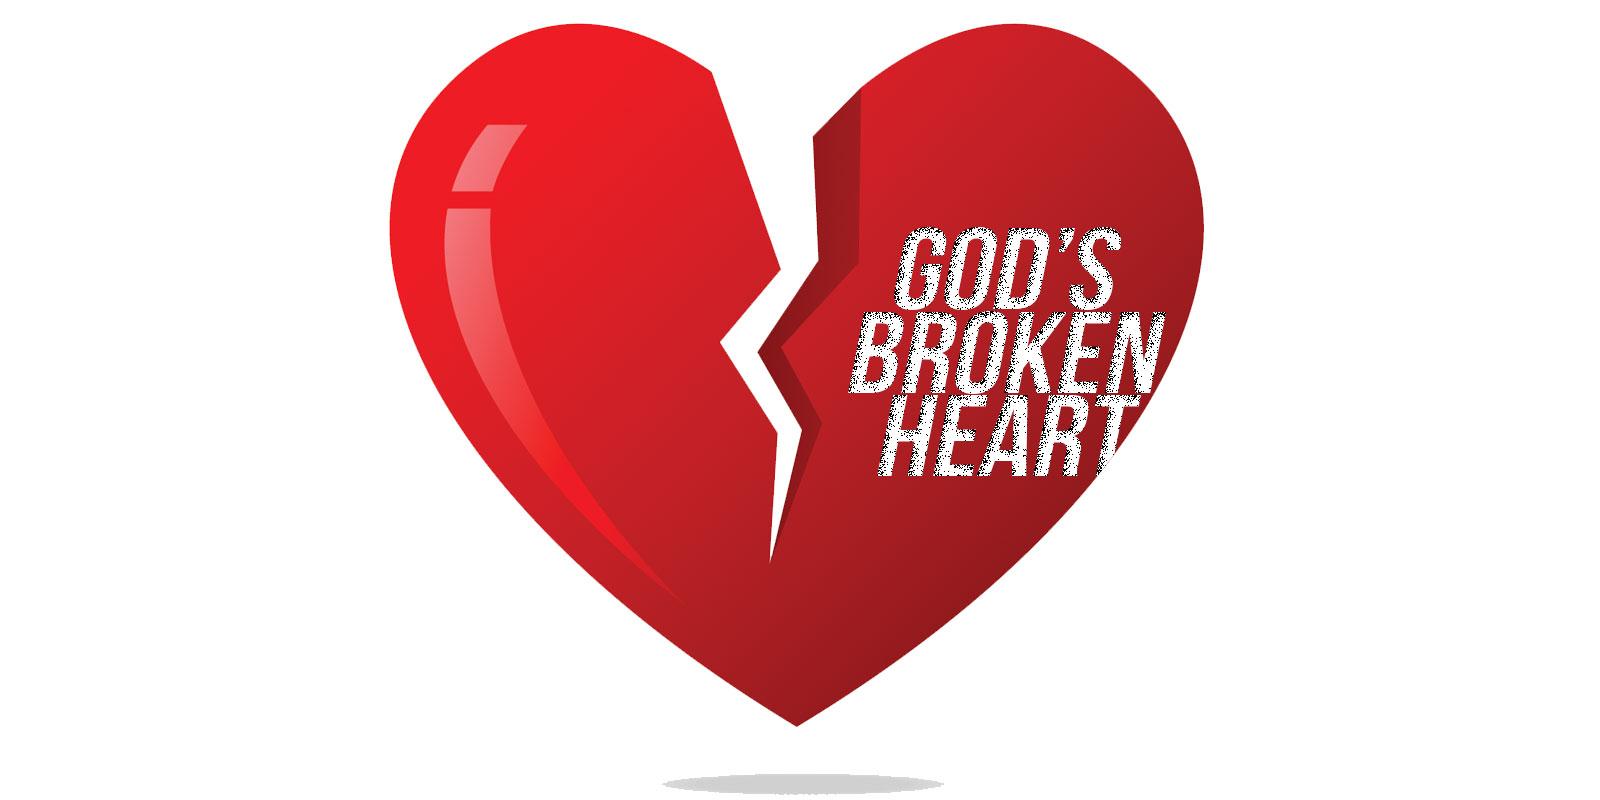 Gods-broken-heart-04.07.19.jpg